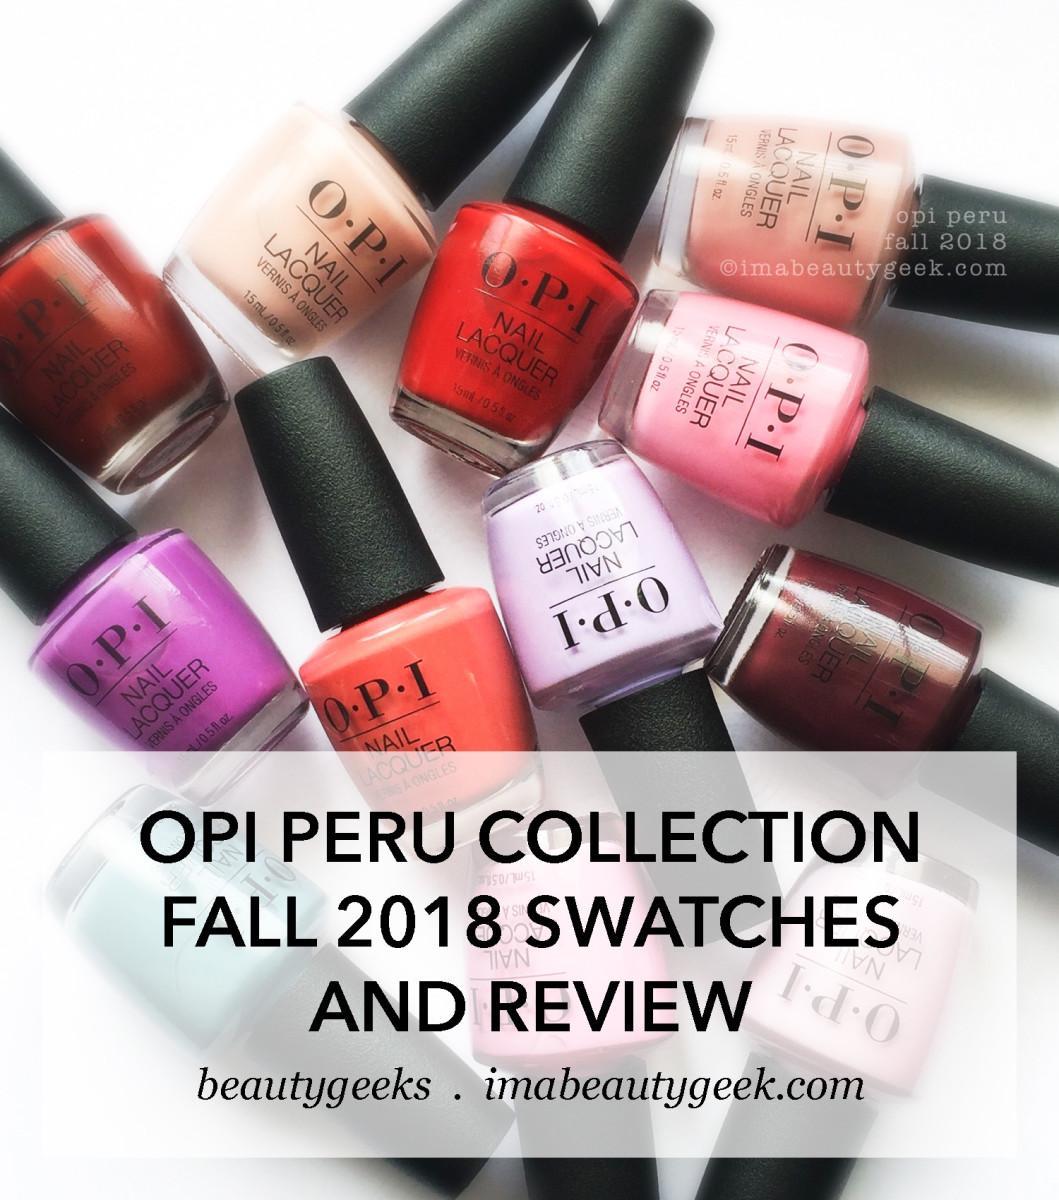 Nail Polish Colors Spring 2018 Opi: Hot Summer Nail Colors 2018 Opi